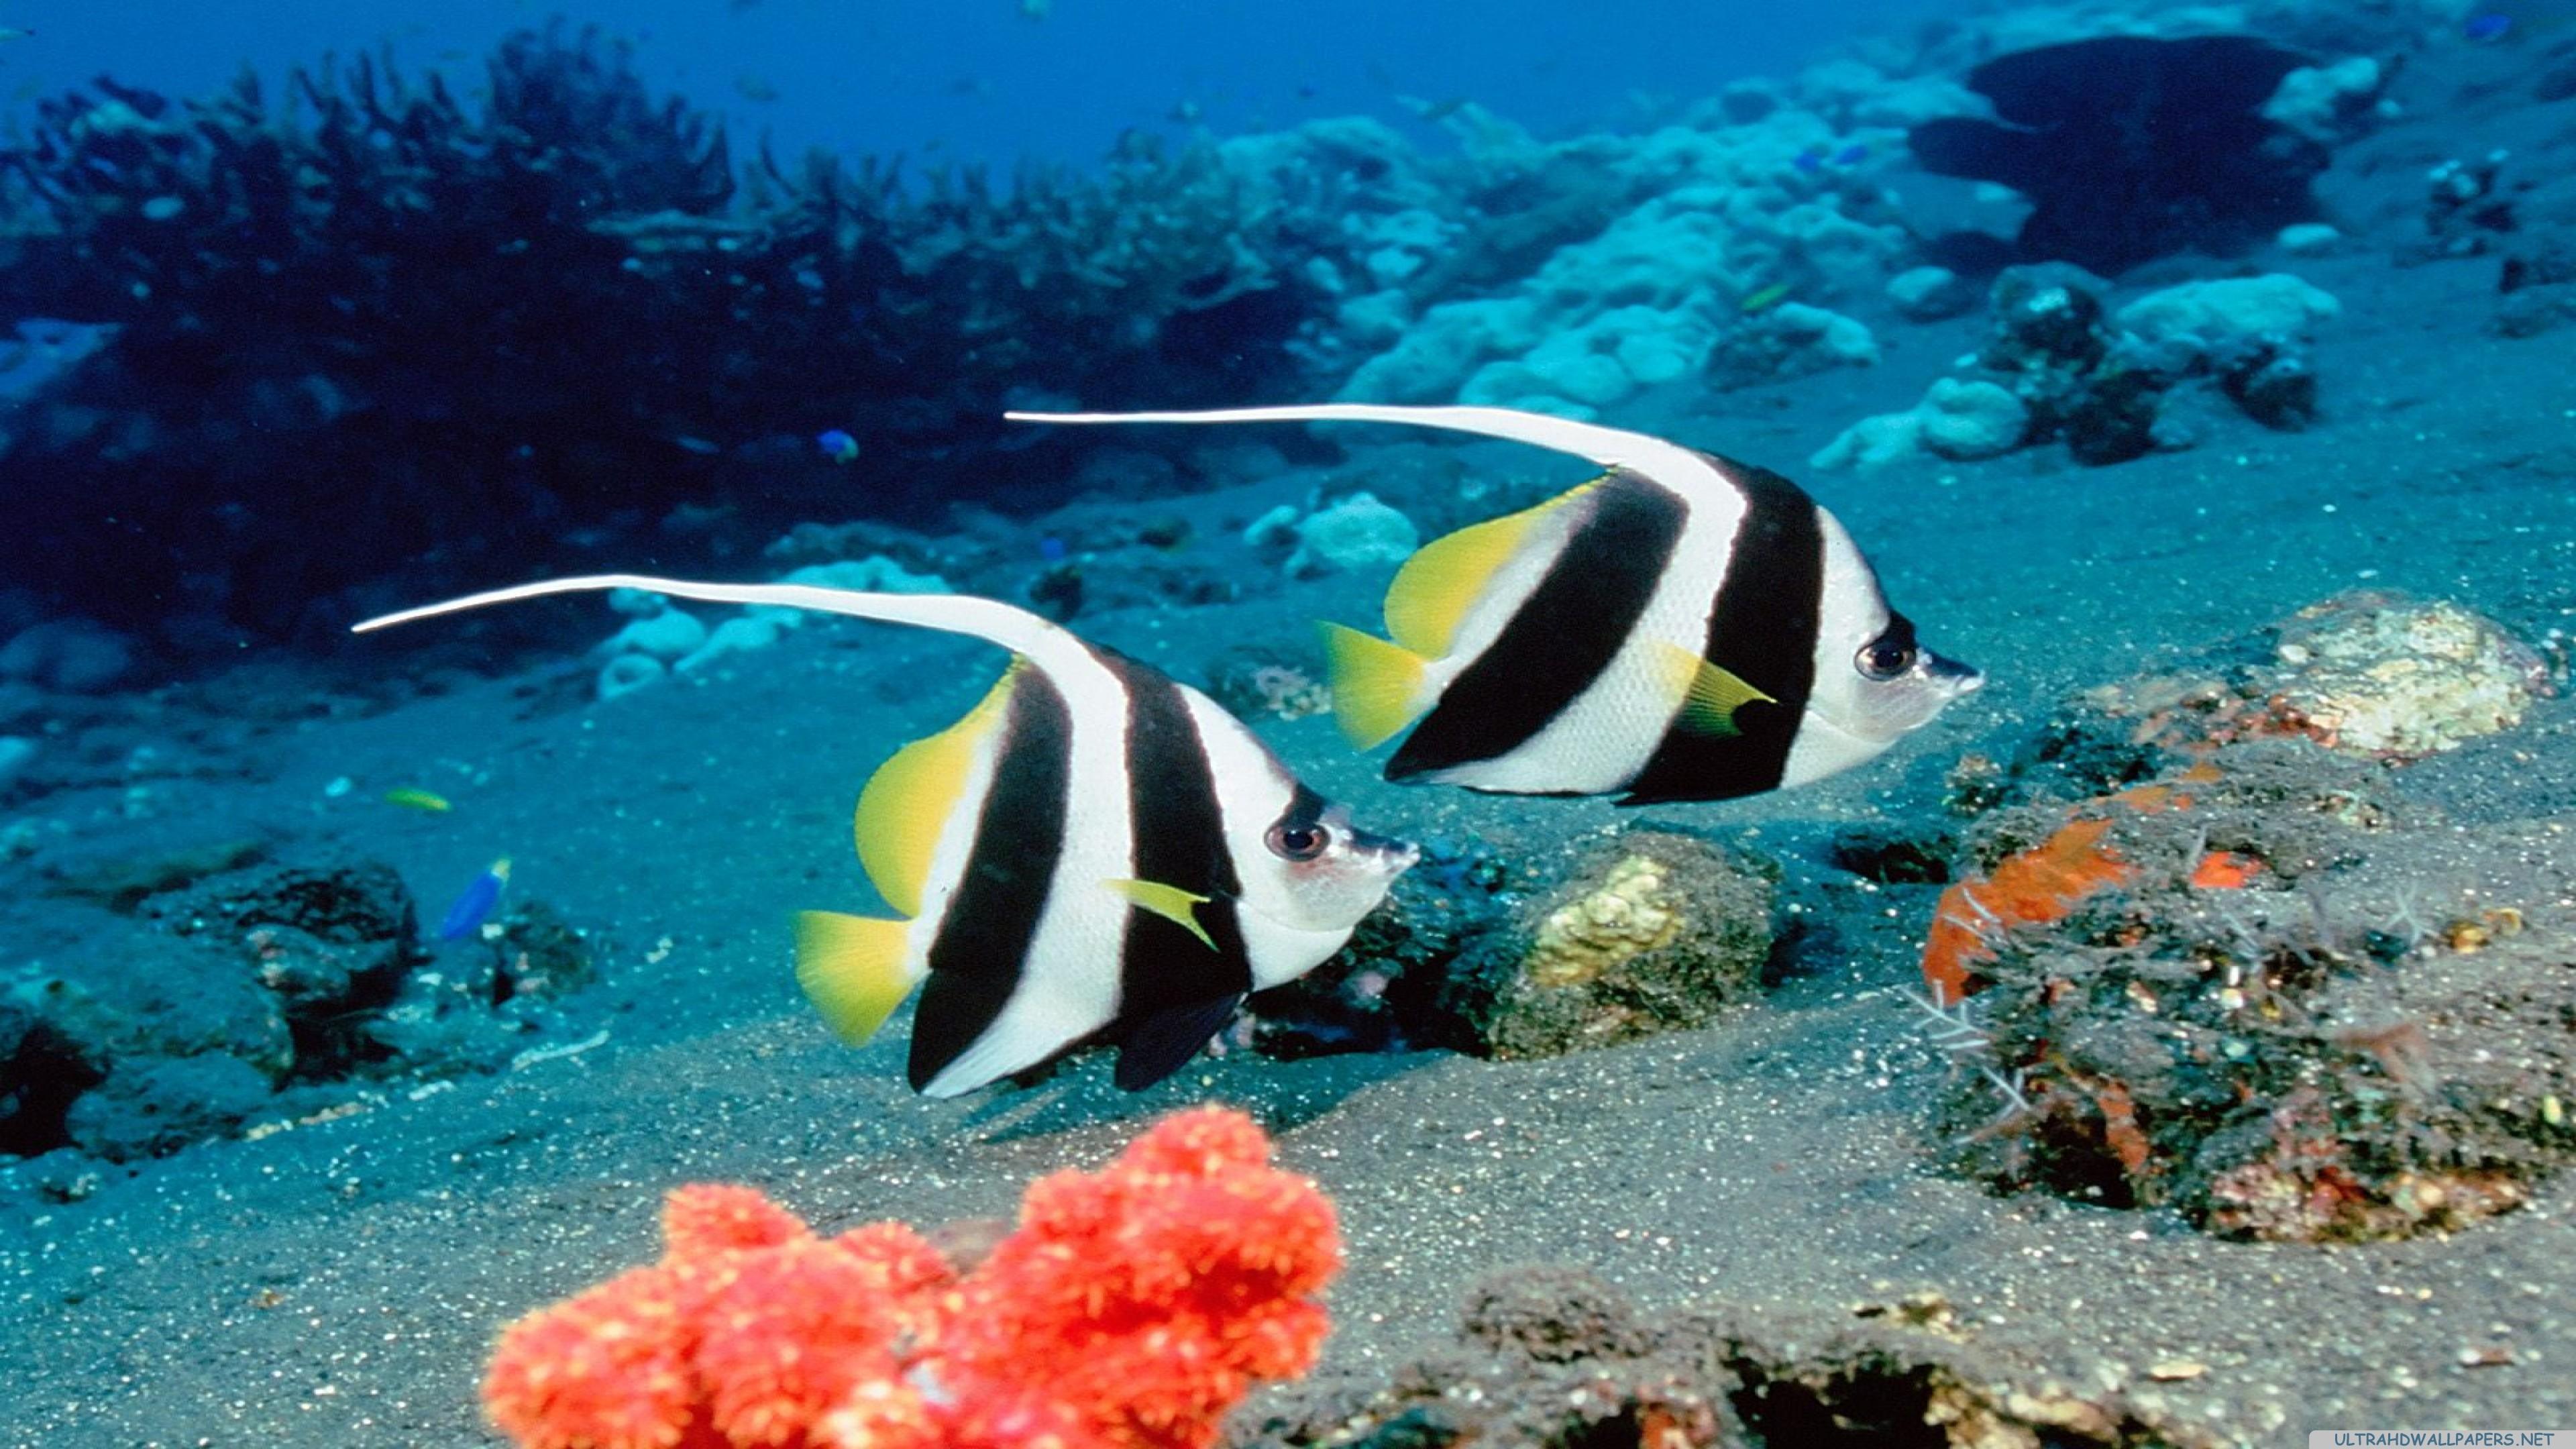 Peces en acuario - 3840x2160